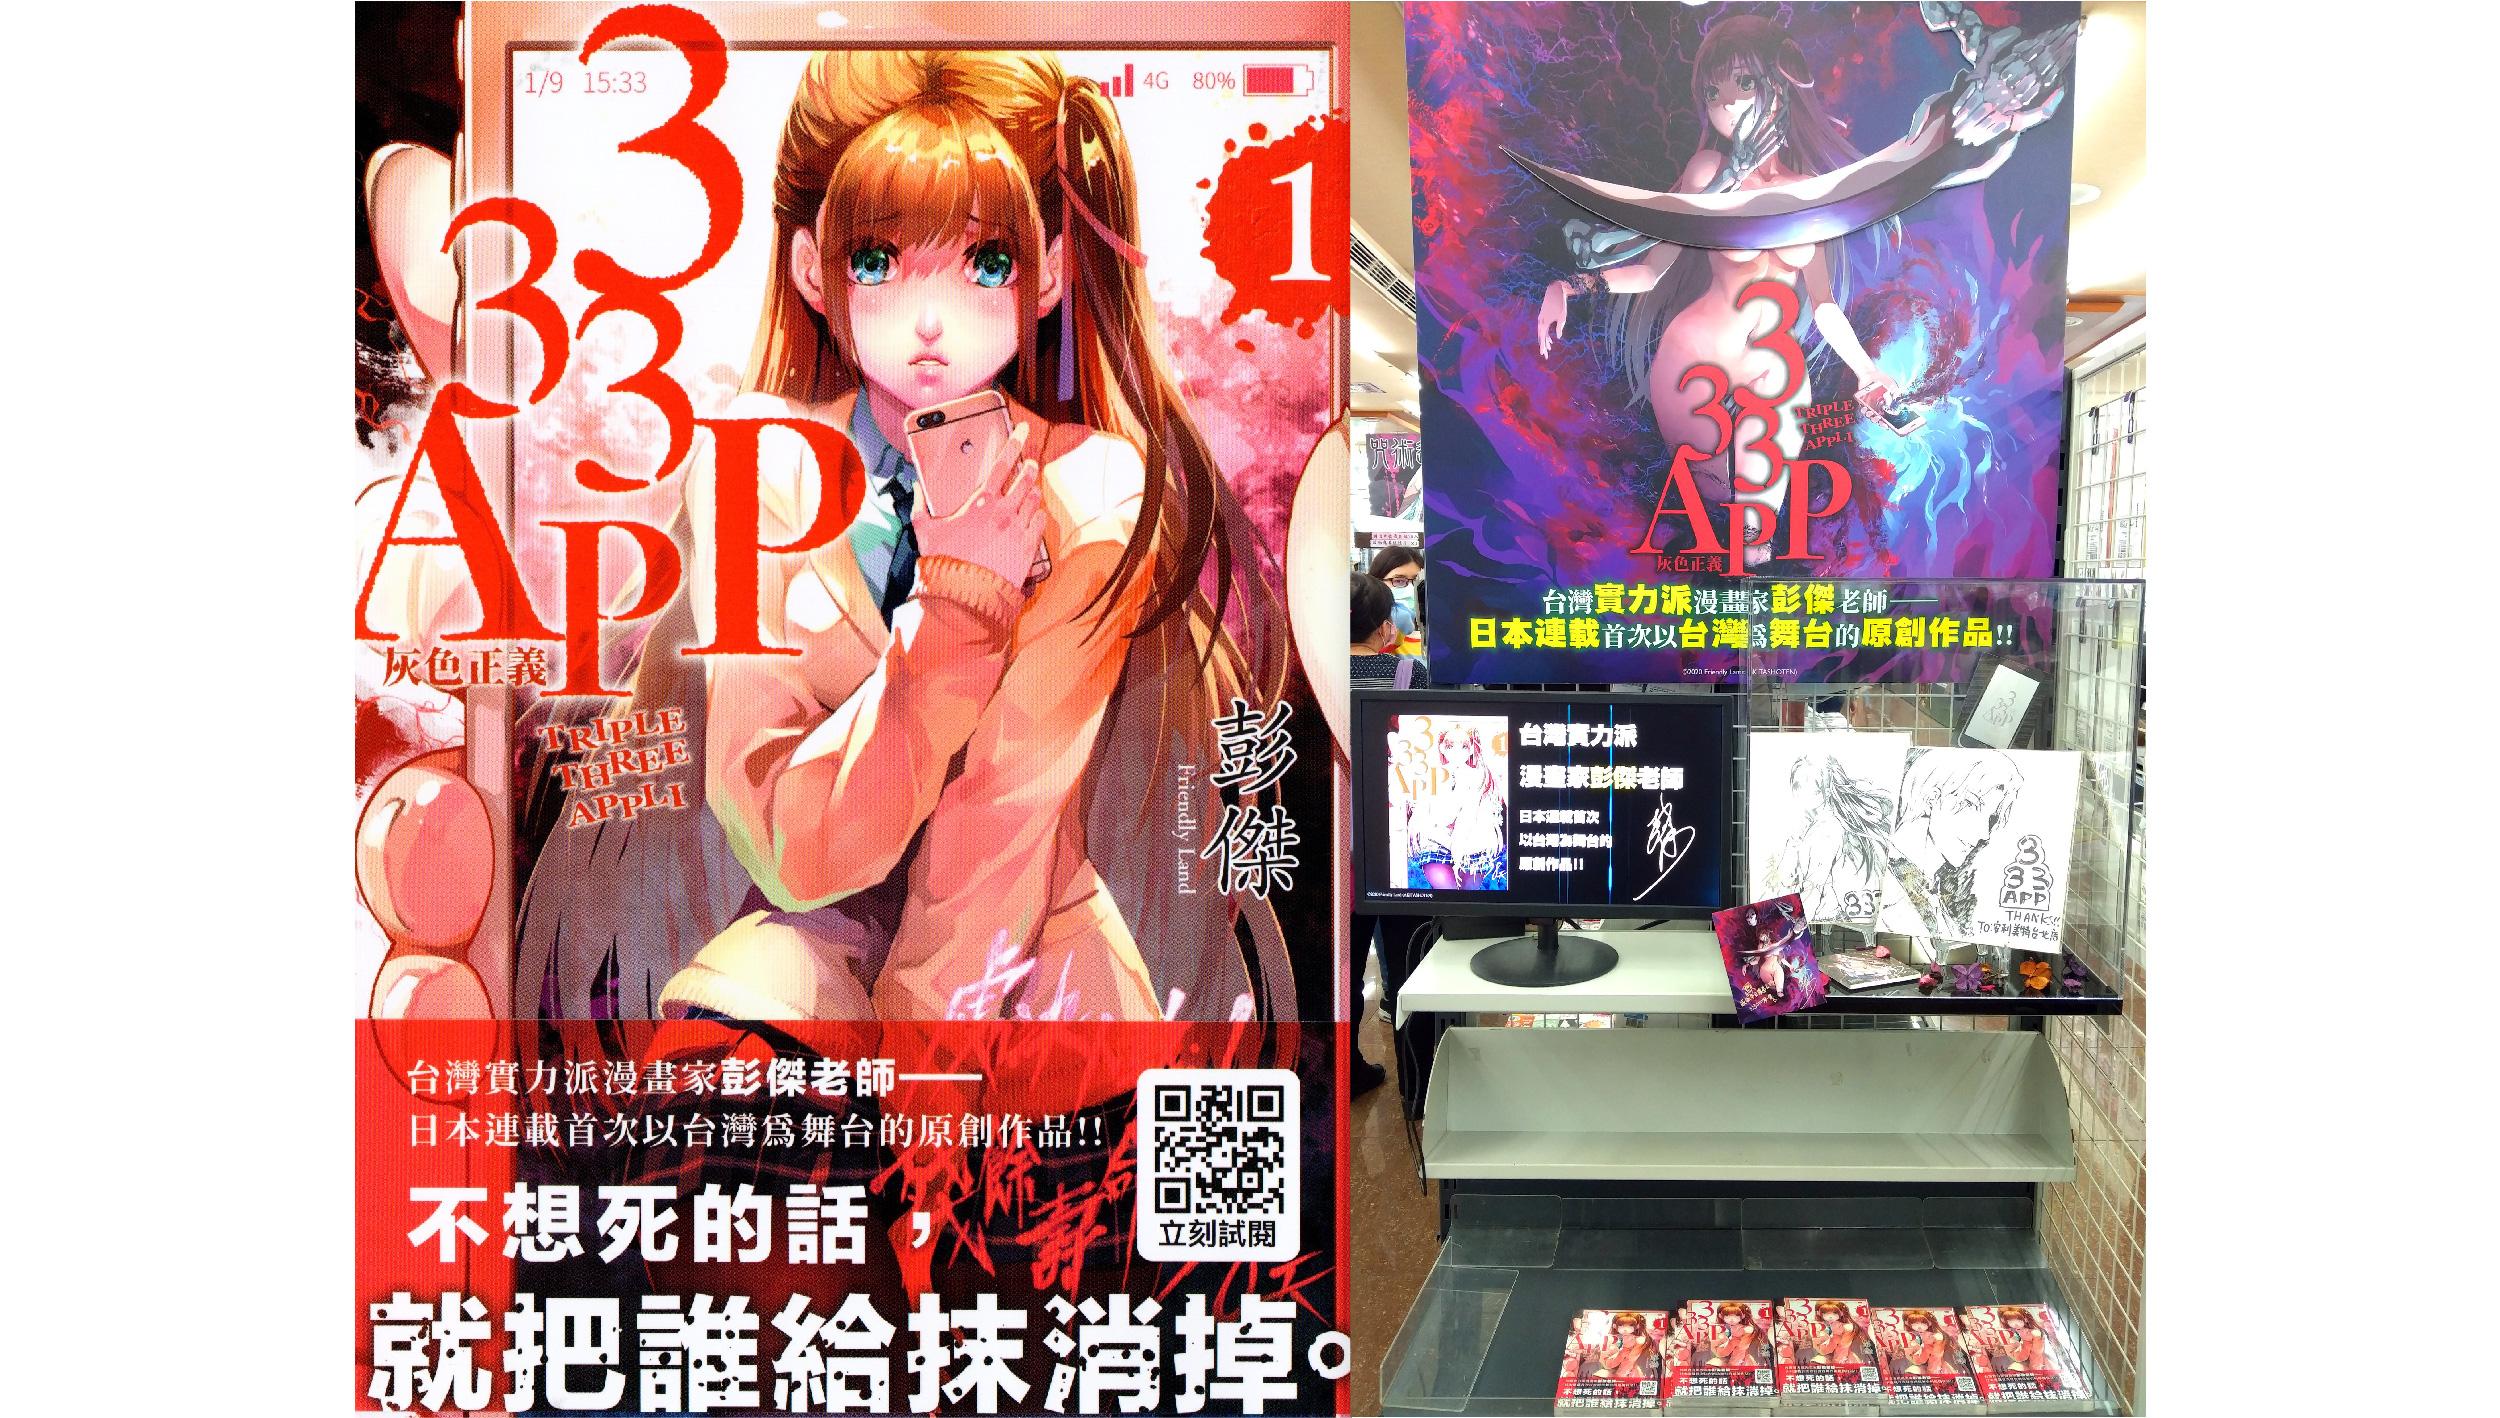 漫畫家彭傑以台灣為舞台的原創漫畫《333APP灰色正義》繁中版第1集上市!指定通路購書送複製簽名卡!